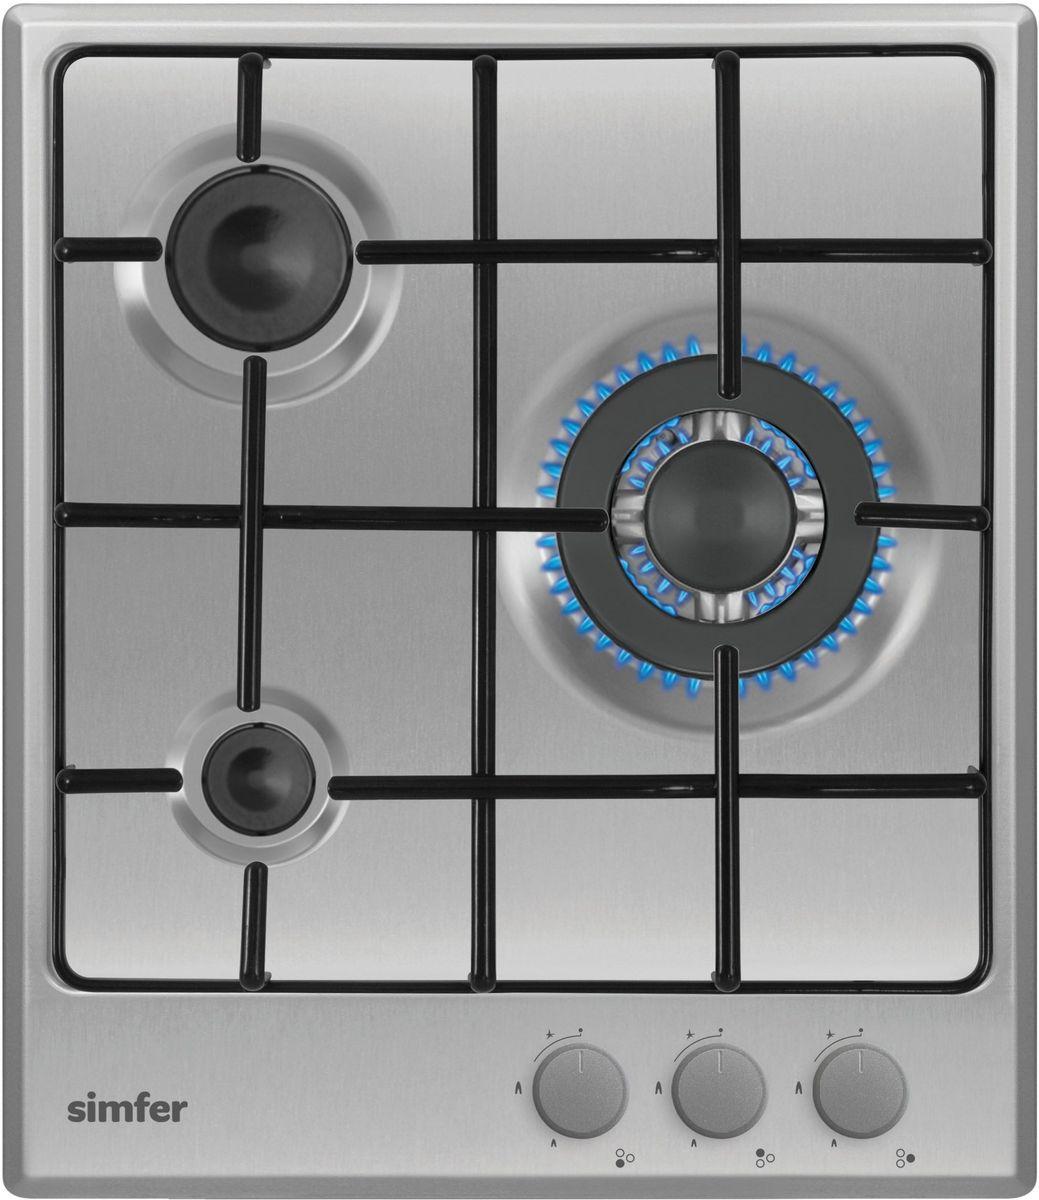 Simfer H45V35M511 панель варочная газоваяH45V35M511Газовая варочная панель Simfer H45V35M511 с чистым пламенем доведет вашу сковороду до нужной температуры без всяких задержек. Включите её и всё днище сковороды будет моментально нагрето.Благодаря идеальному расположению панели управления и индикатора уровня мощности прямо спереди этой варочной панели, любой повар, будь он левша или правша, сможет пользоваться ими с одинаковой лёгкостью.Газовая варочная поверхность Simfer H45V35M511 упрощает приготовление и делает его безопаснее благодаря особой форме подставок, обеспечивающих абсолютную устойчивость посуды.Нет способа быстрее и удобнее для того, чтобы разжечь конфорку, чем автоподжиг варочной панели. Просто поверните ручку, чтобы открыть и зажечь газ одним плавным движением.